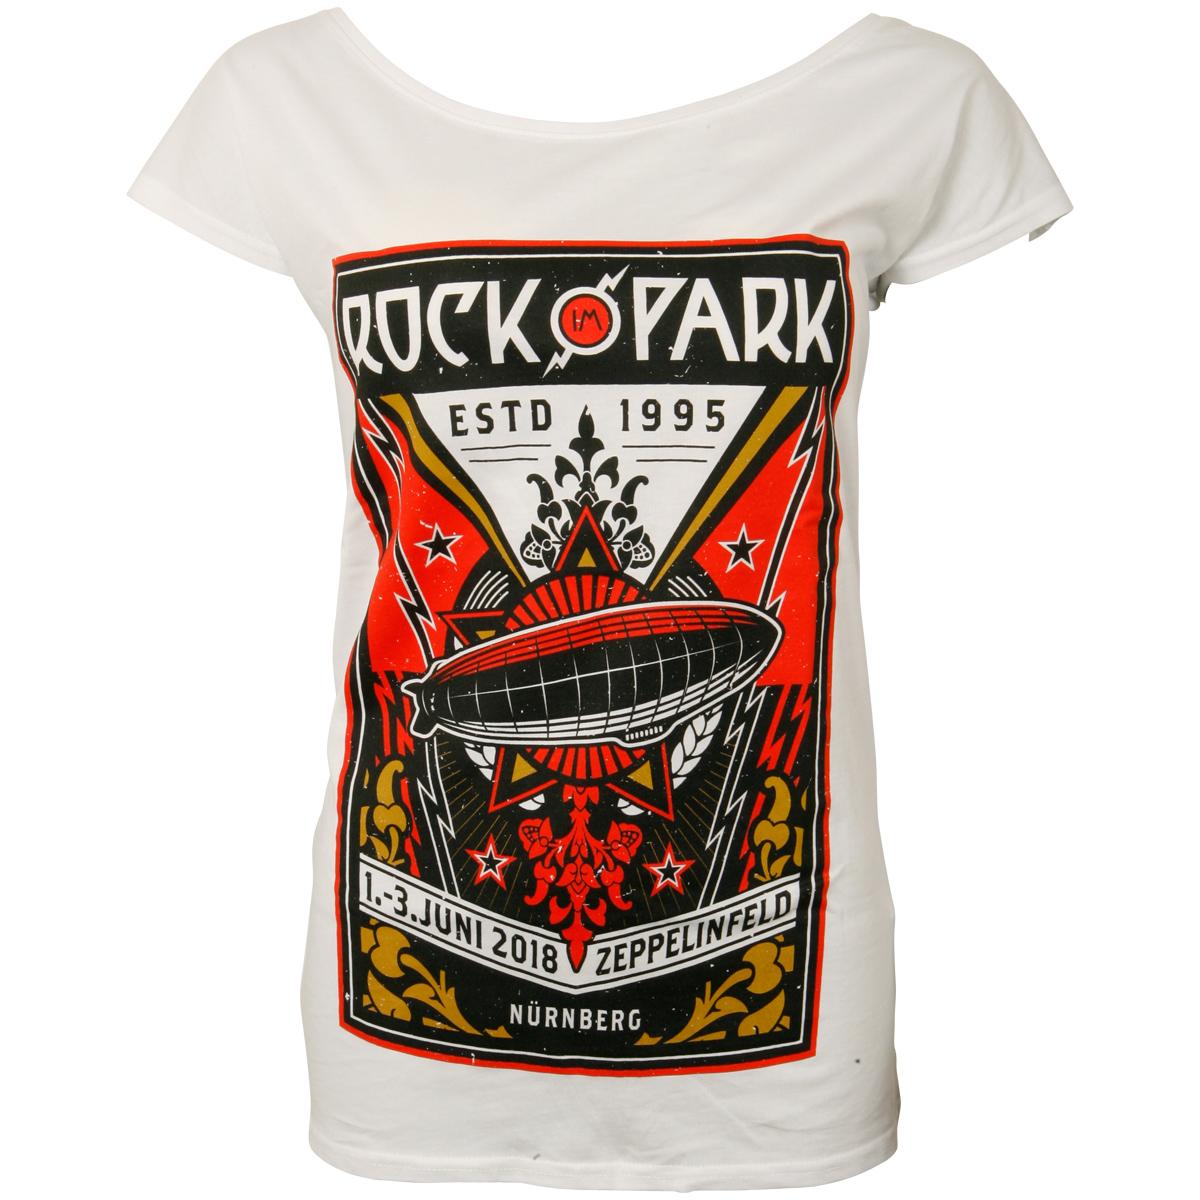 Offizielles Rock im Park 2018 - Damen Shirt Rock Zeppelin - weiß